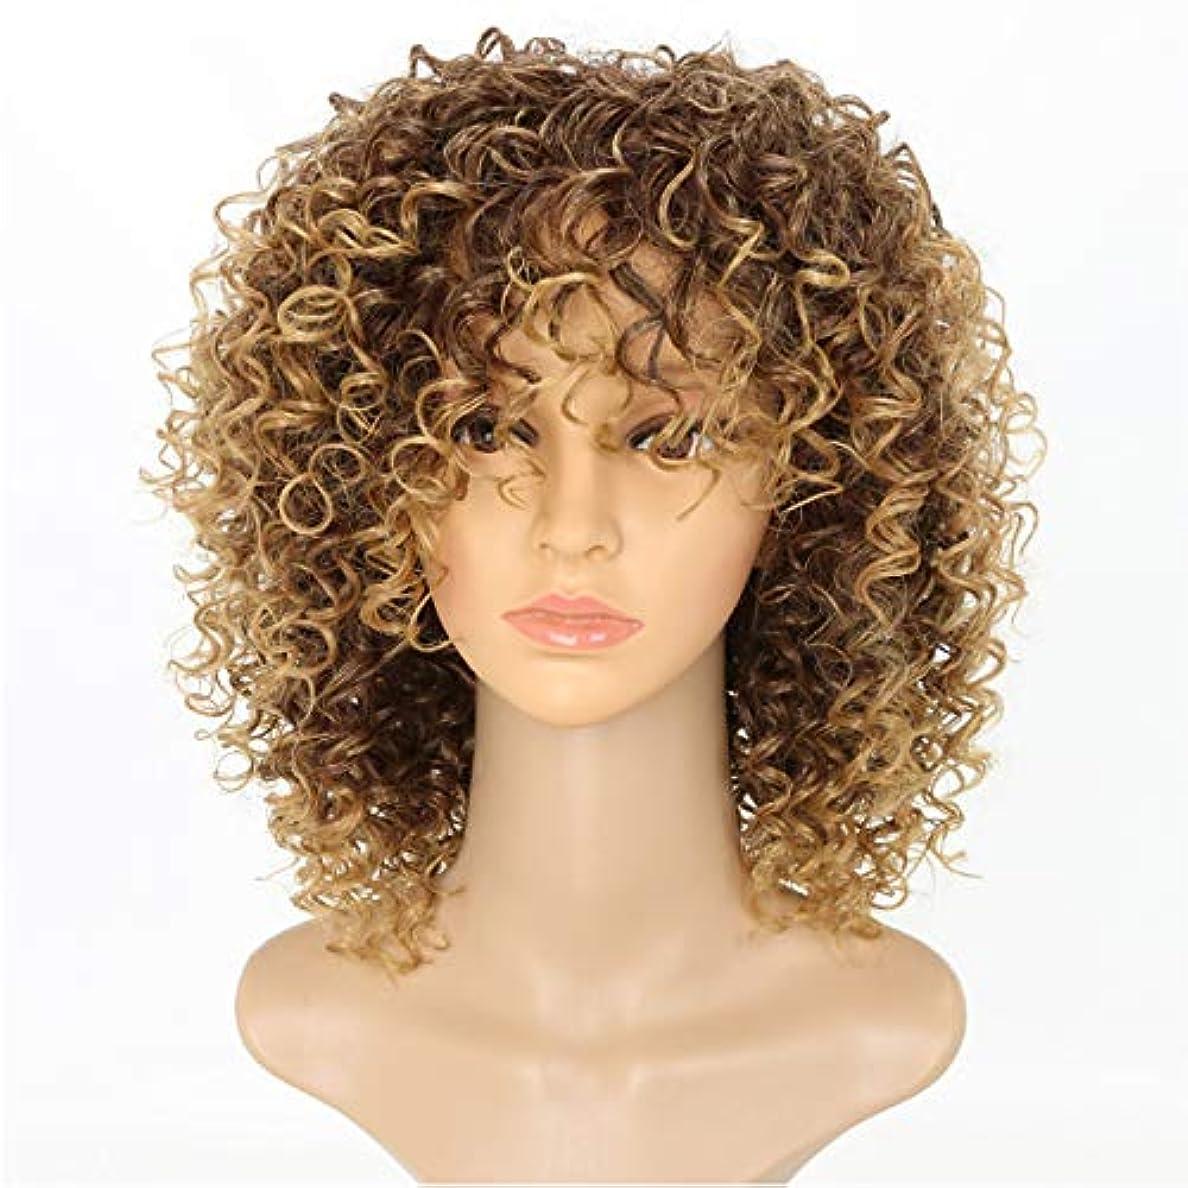 メタリック万歳適合しました黒人女性カーリーショートカーリー変態かつら茶色の女性ふわふわ波状のかつら自然な合成ファッションかつら